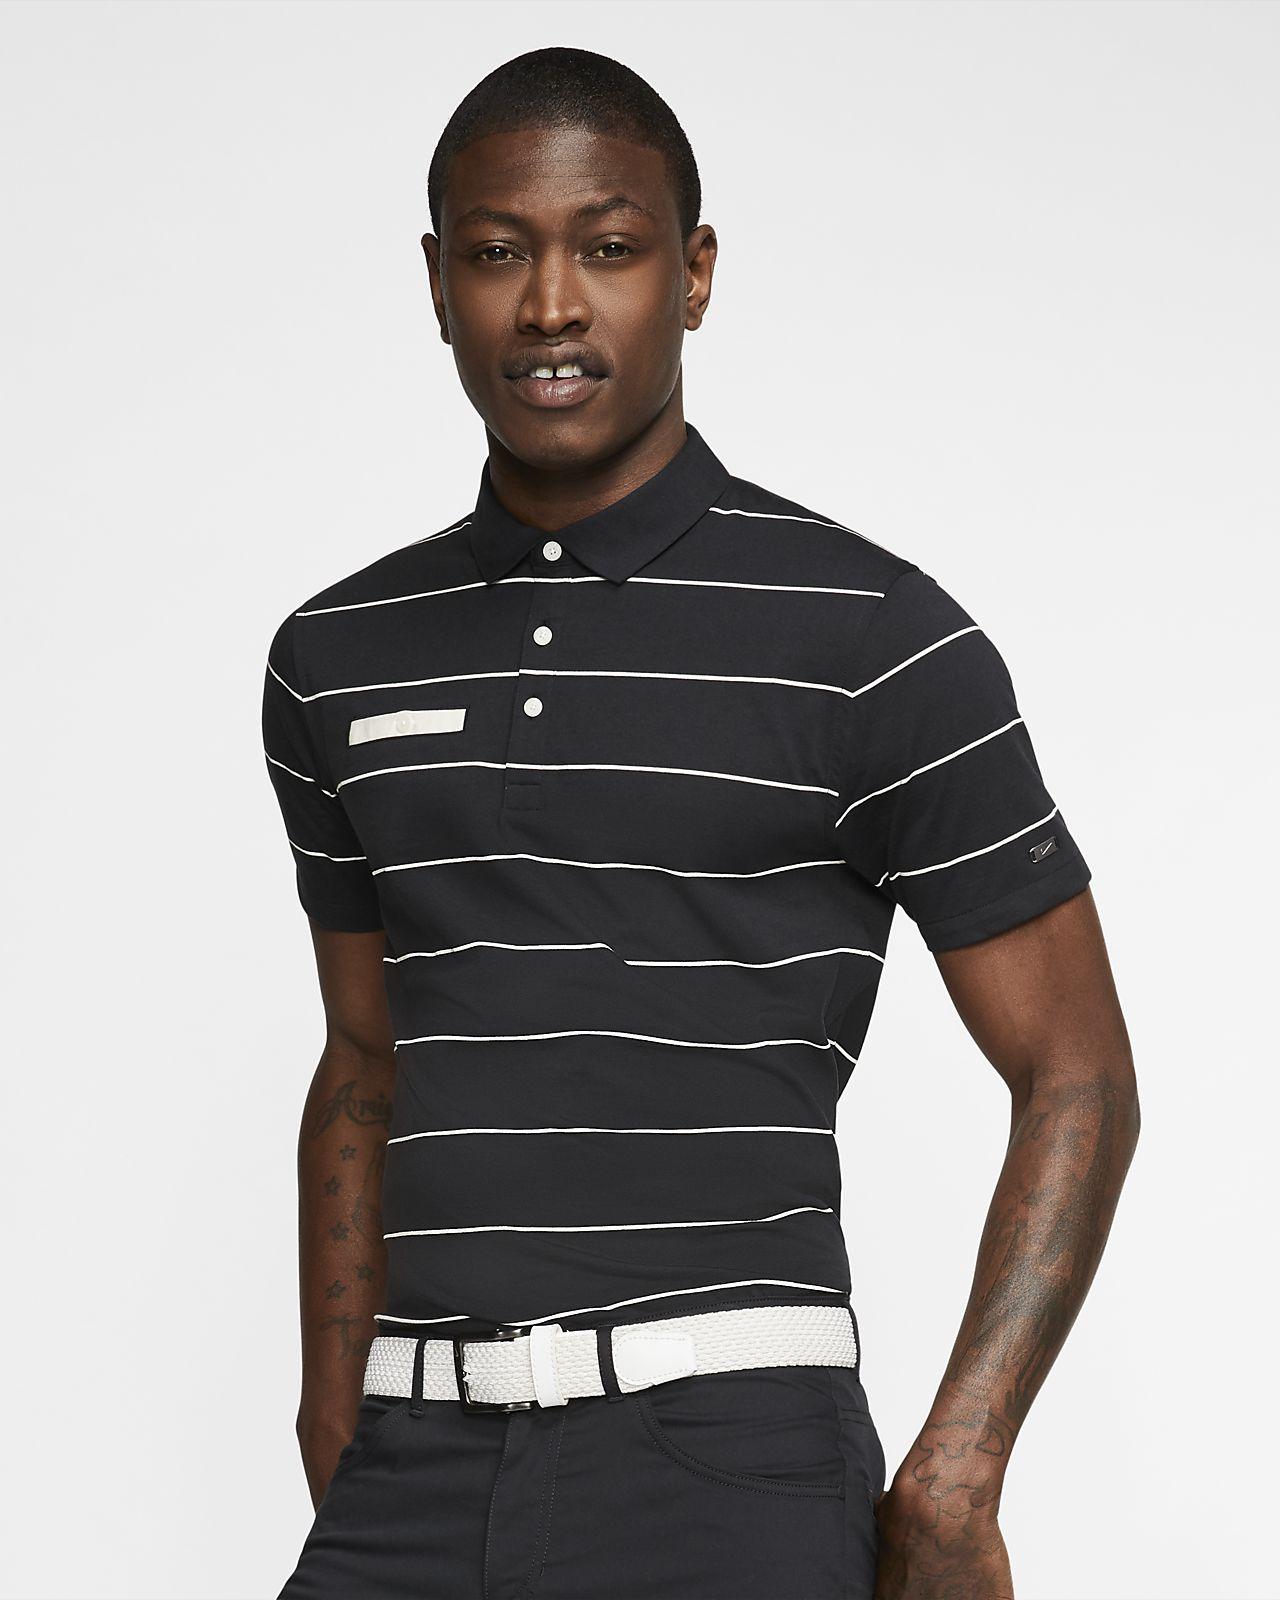 098efc662 Nike Dri-FIT Player Polo de golf a rayas - Hombre. Nike.com ES